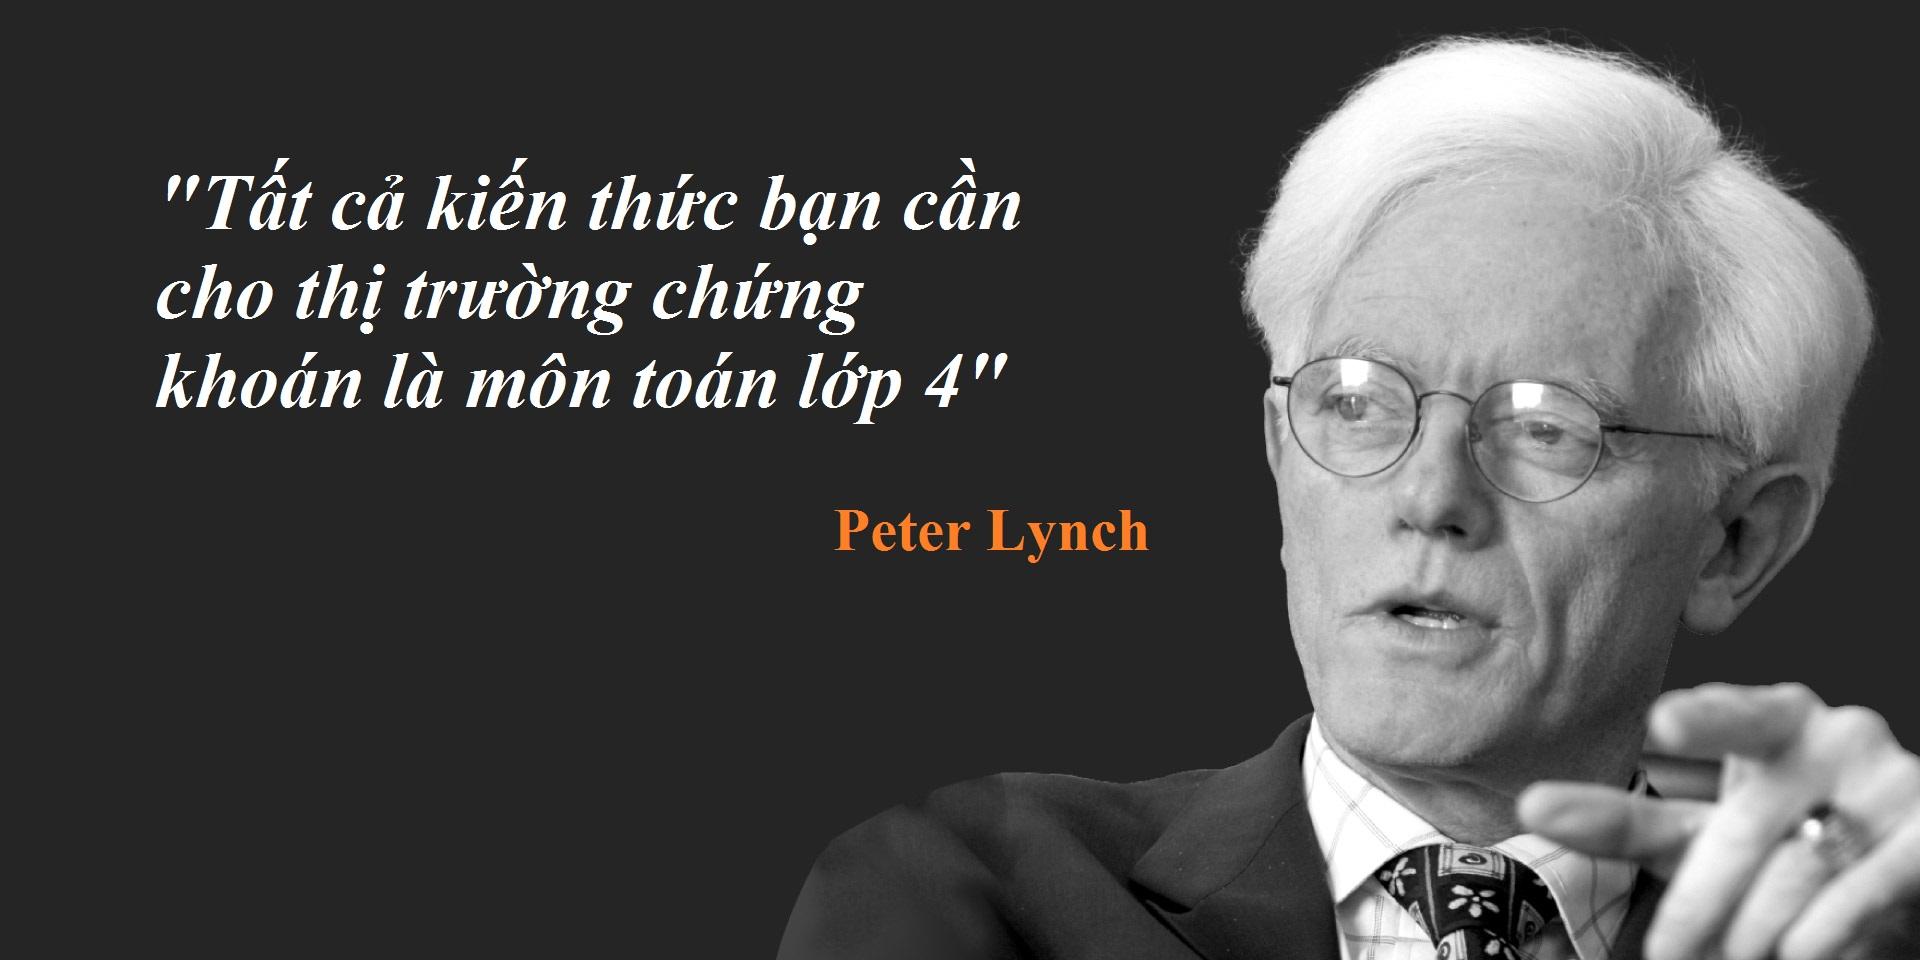 peter lynch,phu thuy dau tu co phieu, tin rang tri thong minh cua mot nguoi co the danh bai thi truong